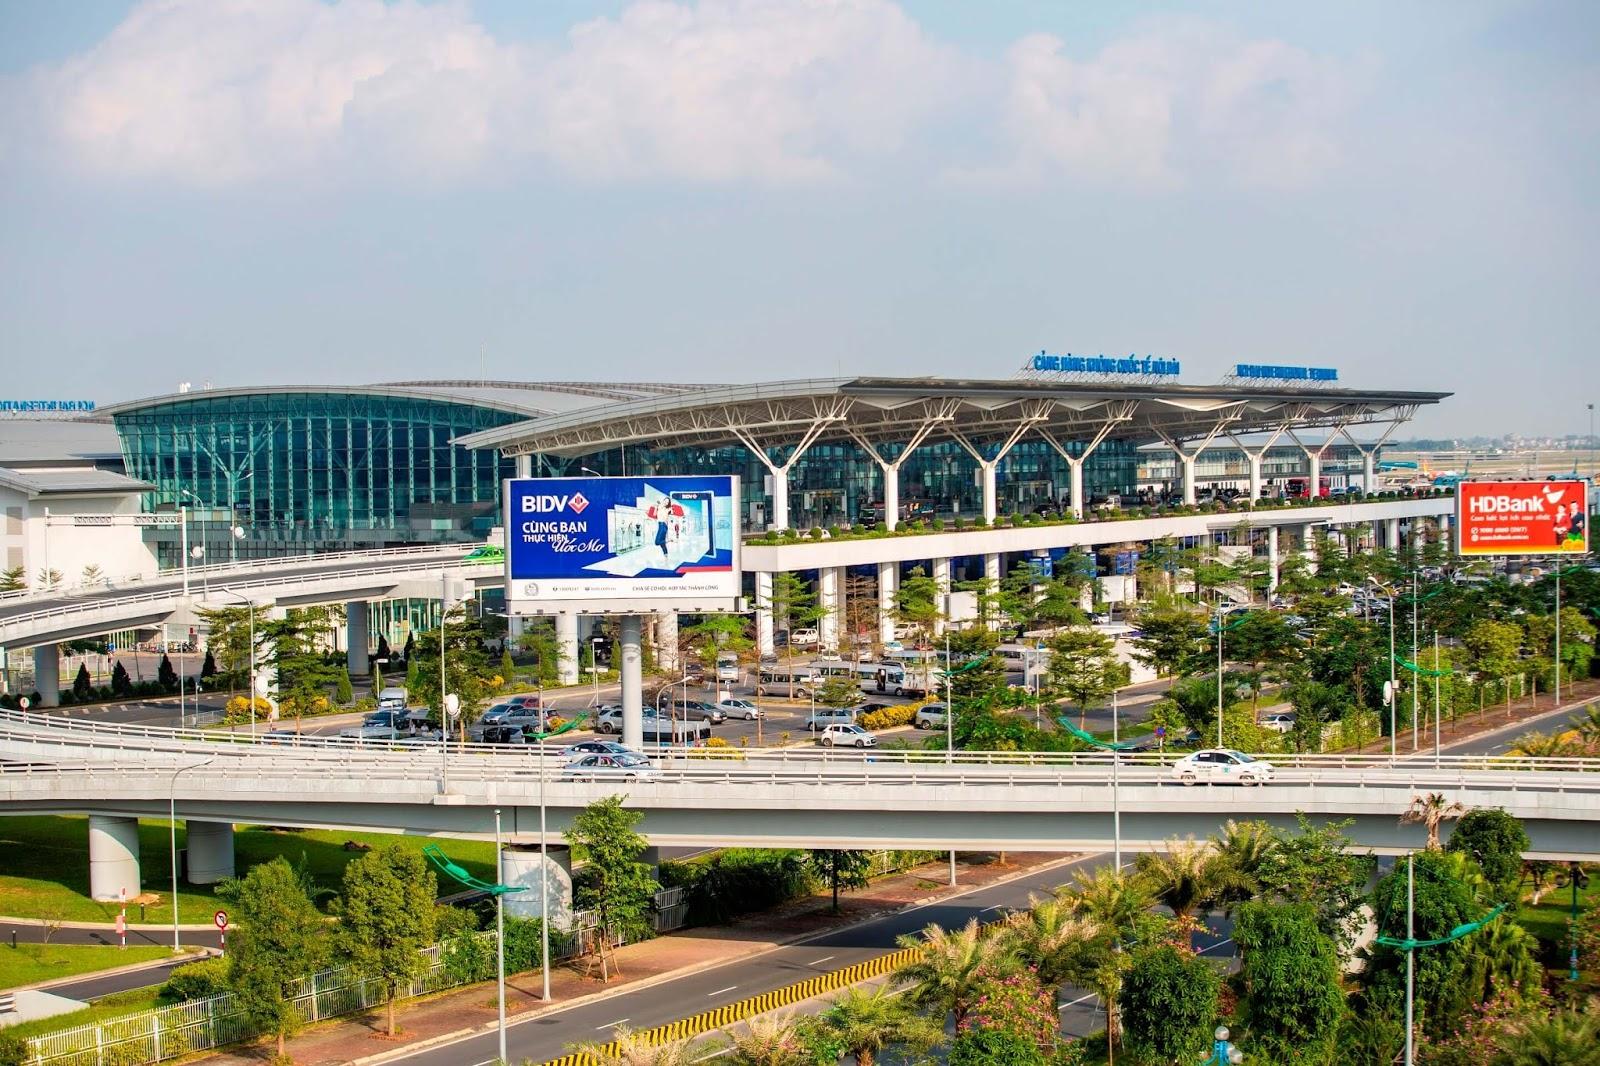 Cư dân Grandeur Palace Phạm Hùng dễ dàng di chuyển đến cảng hàng không Nội Bài.